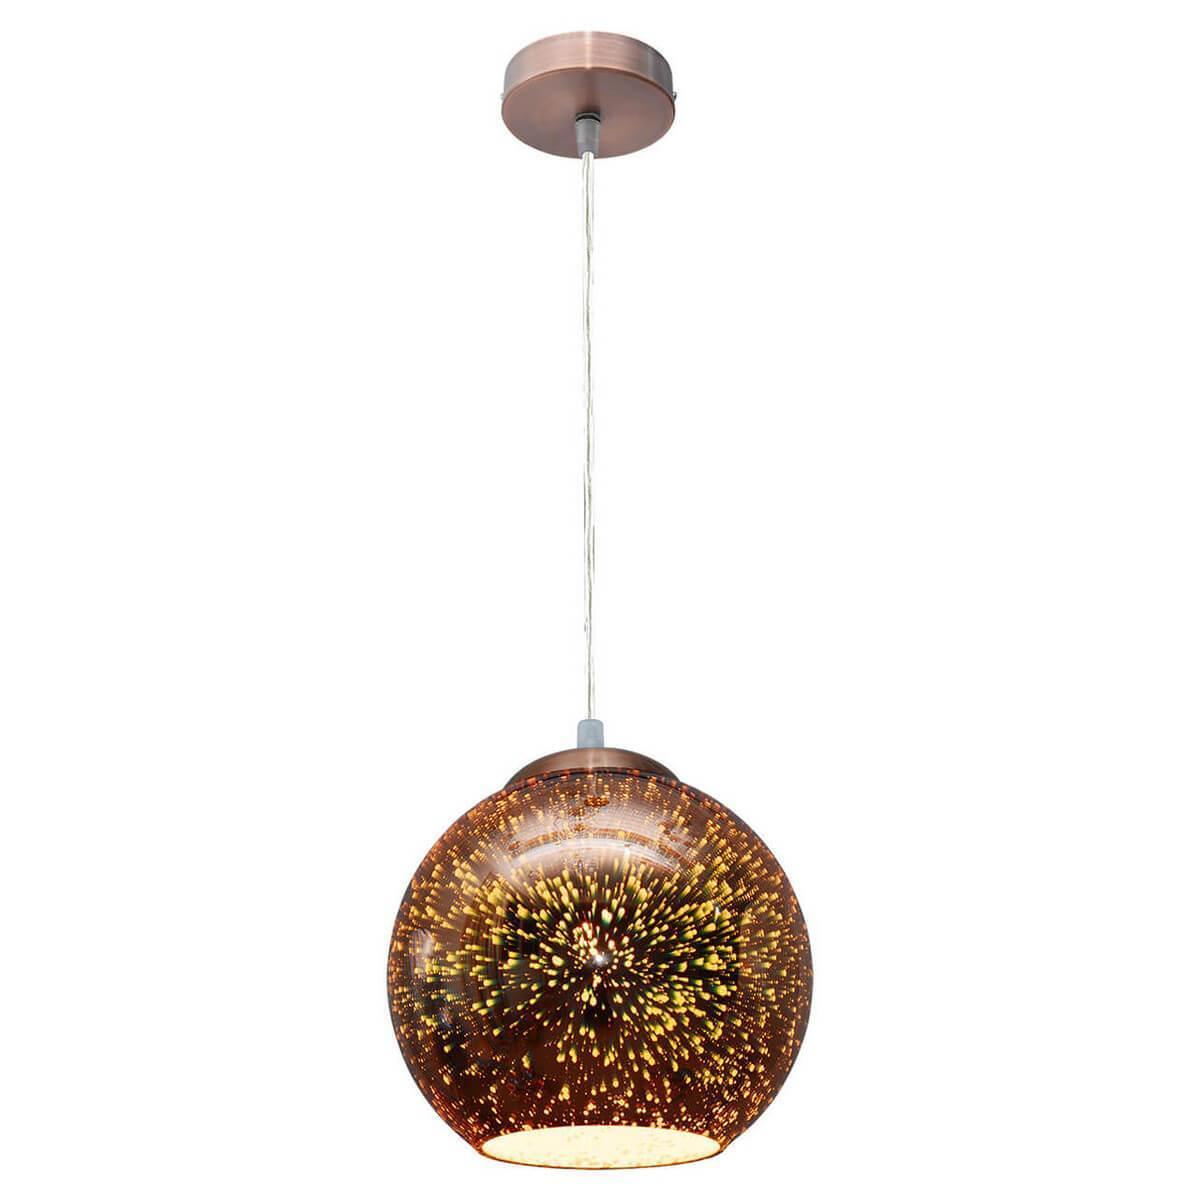 Подвесной светильник Lussole GRLSP-0198, E27, 11 Вт подвесной светильник lussole grlsp 9945 белый